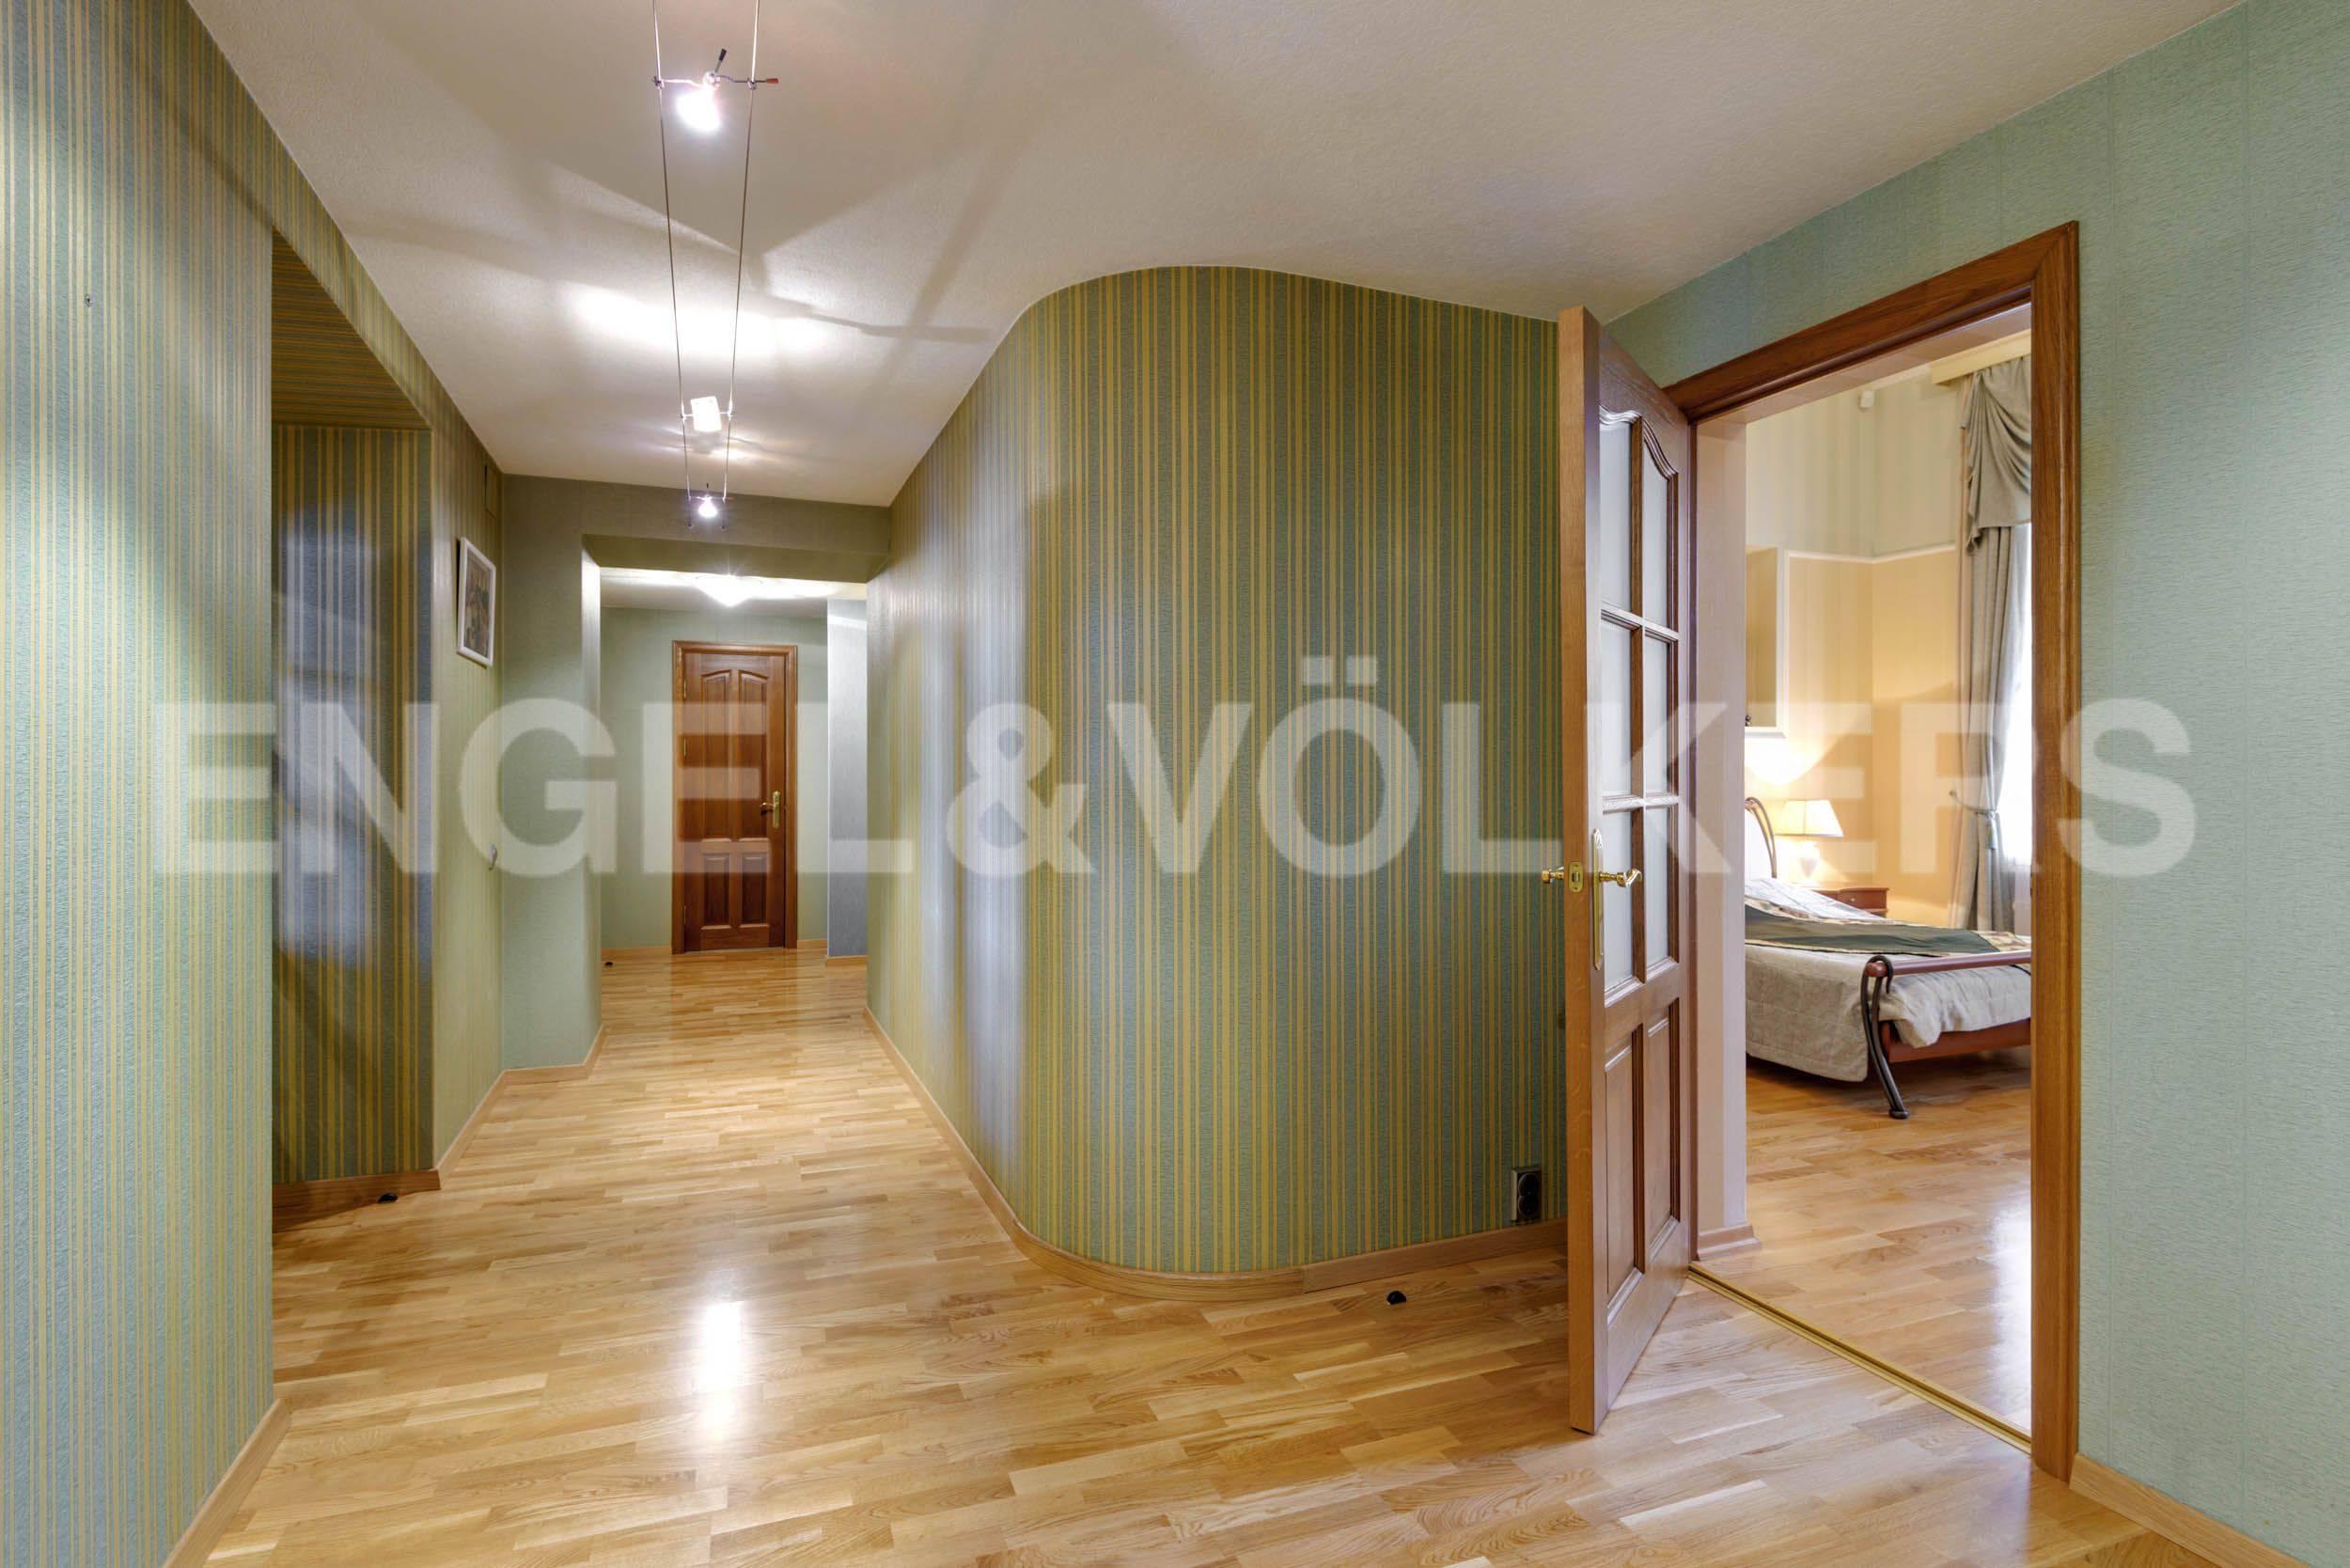 Элитные квартиры в Центральном районе. Санкт-Петербург, Марсово поле, 3. Холл-прихожая